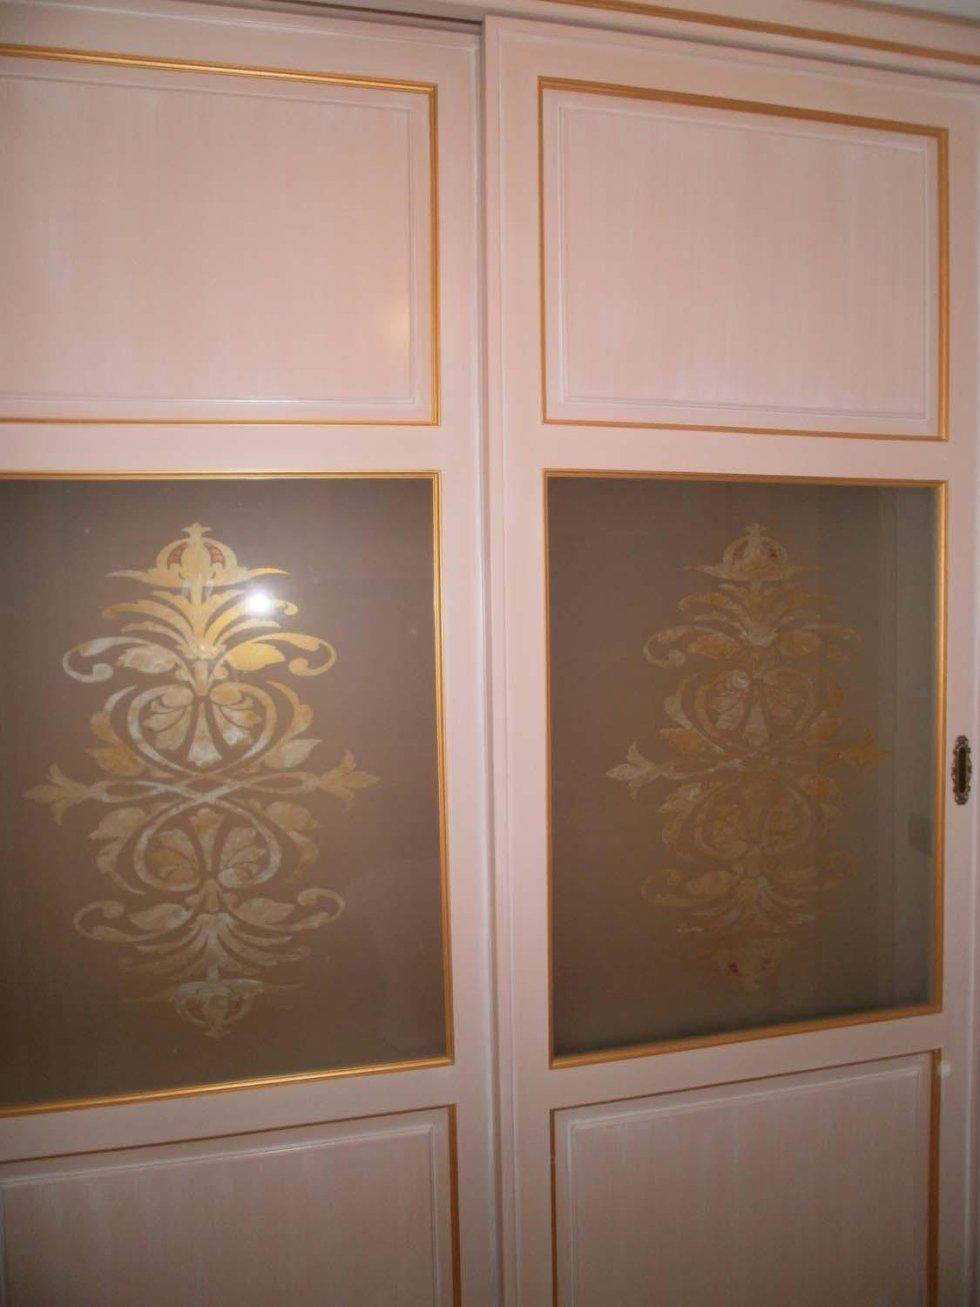 decorazioni gialle in un armadio